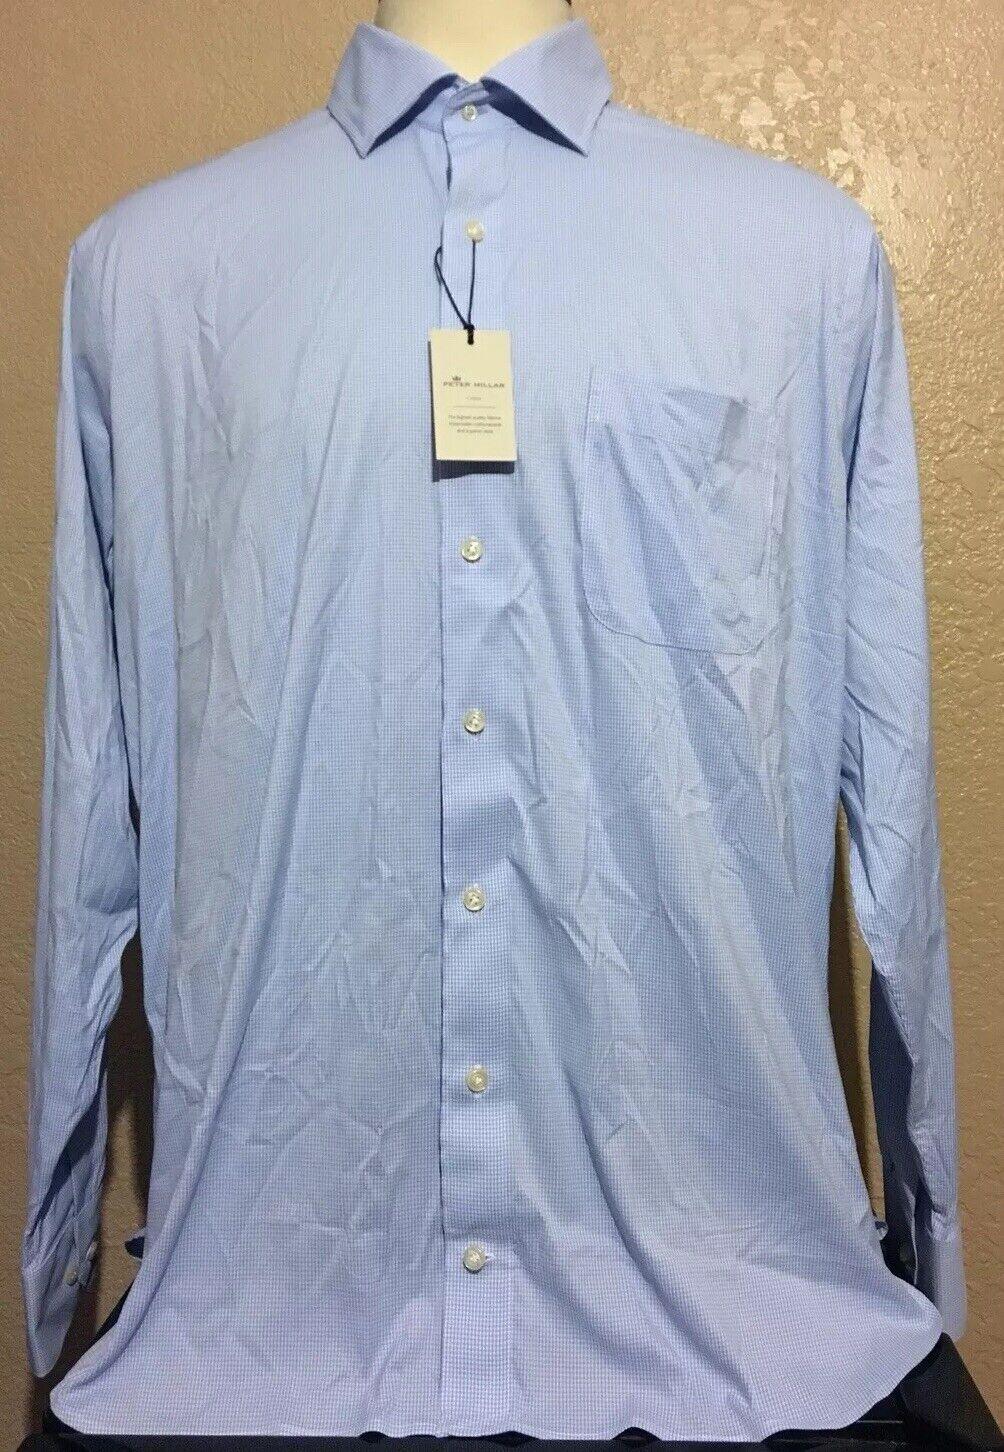 Nuevo Peter Millar Corona  De Hombre Talla 17.5 largo camisa de rendimiento de Verificación Cuadros Azules  colores increíbles